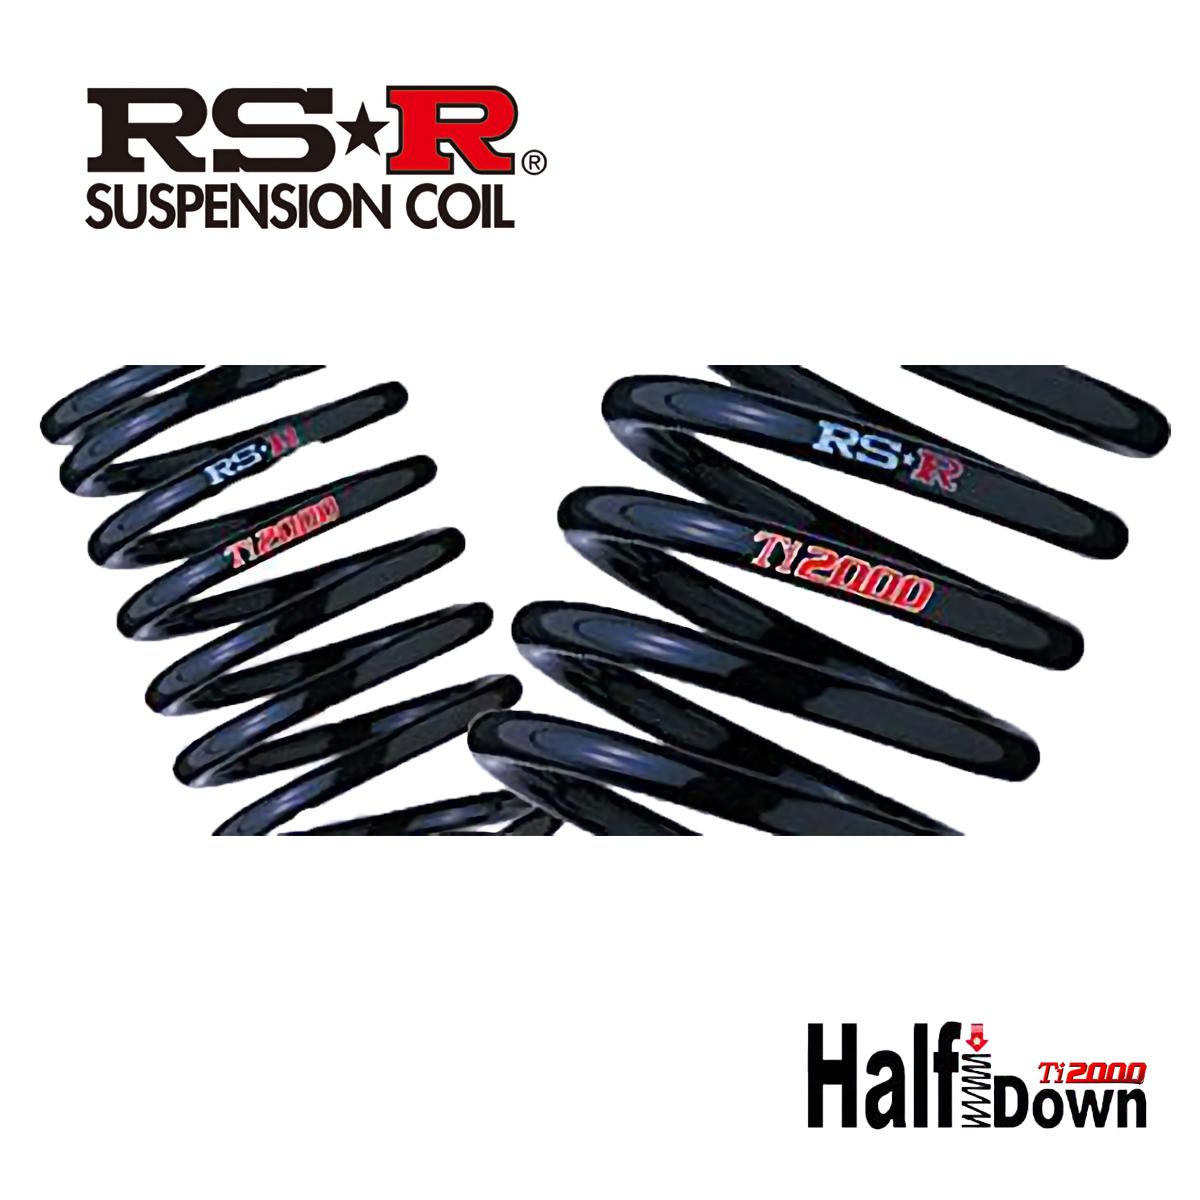 RS-R タント LA650S カスタムX ダウンサス スプリング 1台分 D401THD Ti2000 ハーフダウン RSR 個人宅発送追金有